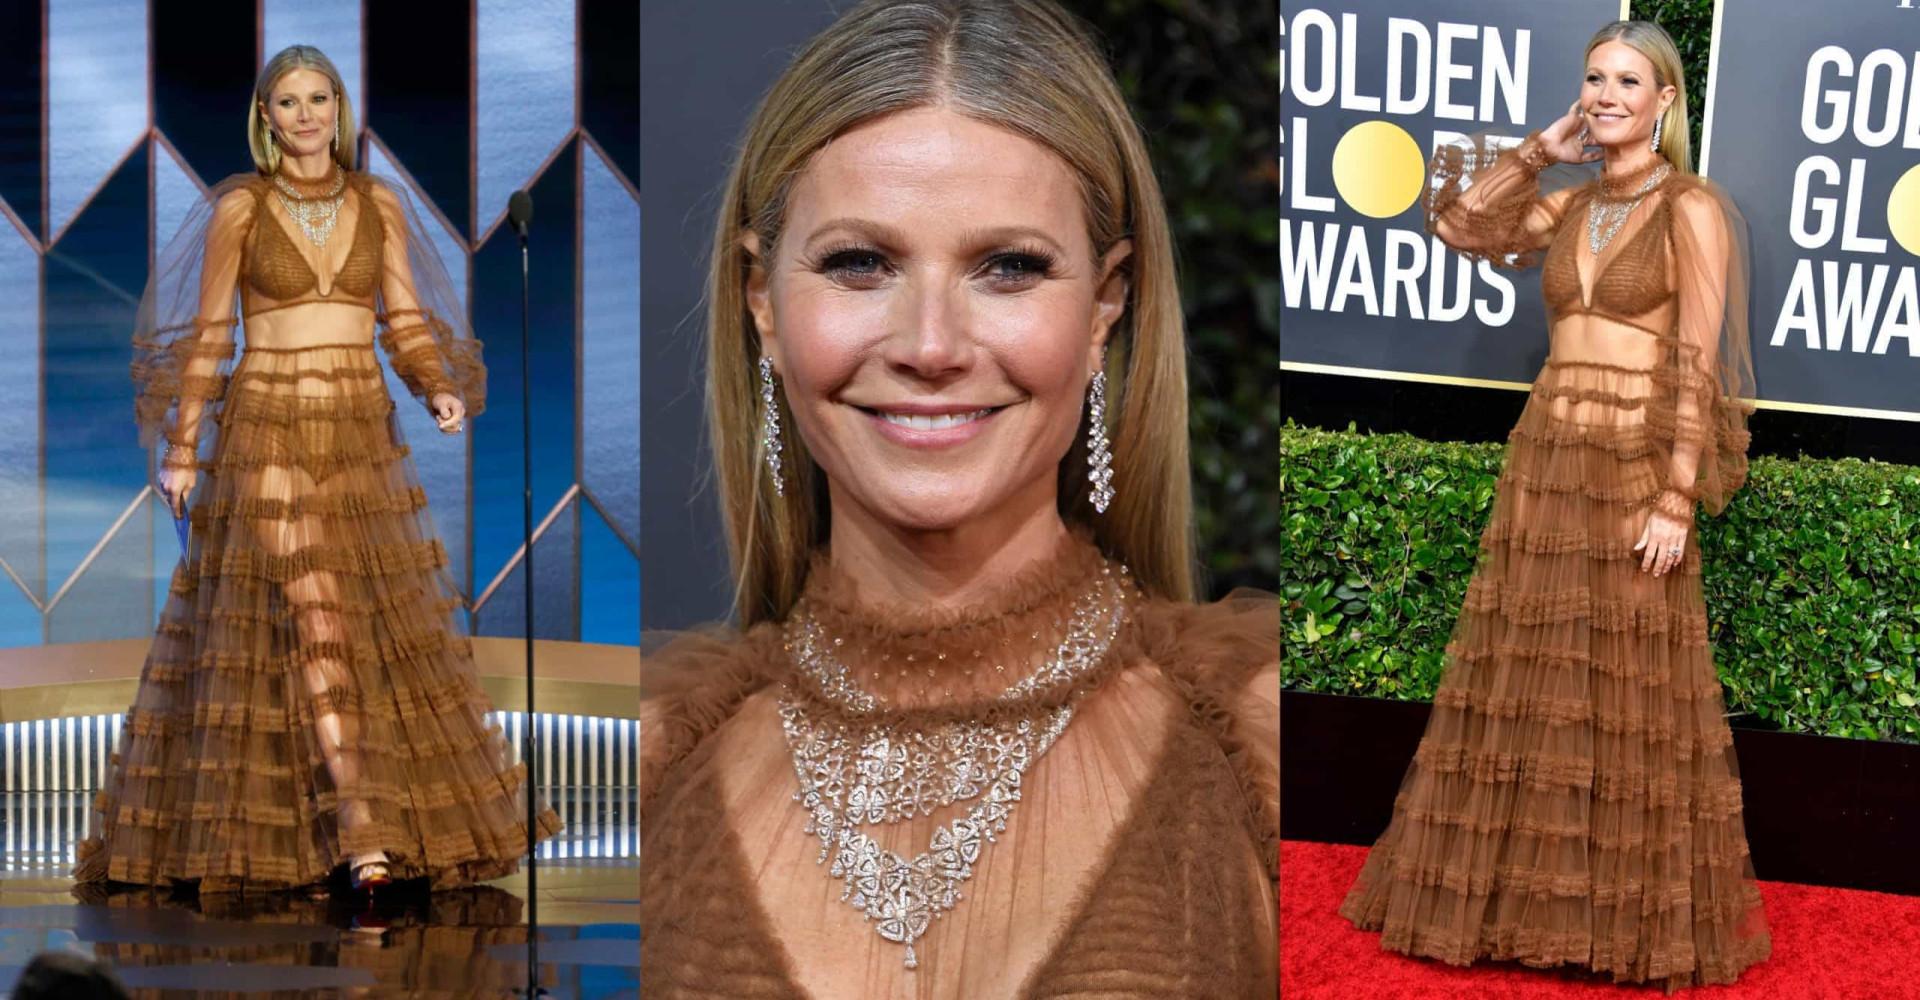 La extravagancia de Gwyneth Paltrow en los globos de Oro 2020